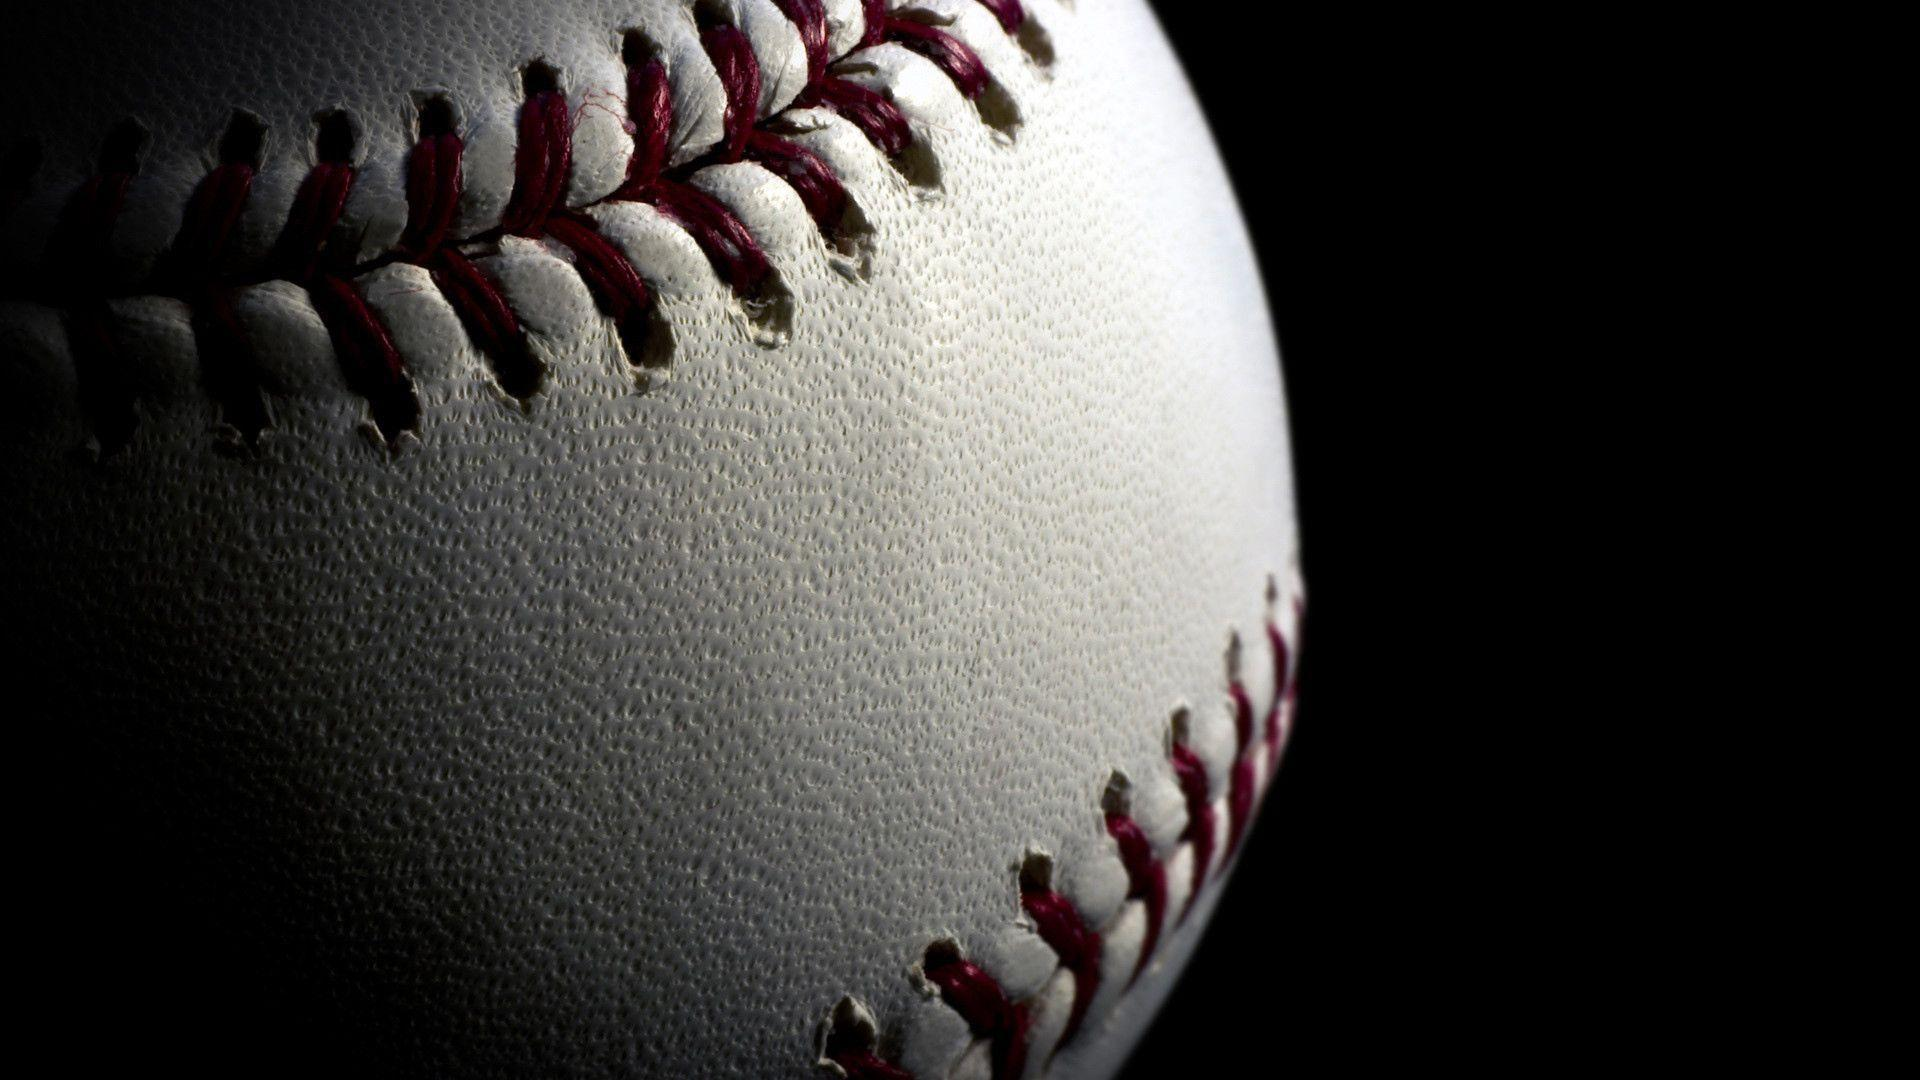 Sport Wallpaper Baseball: Best Sports Wallpapers